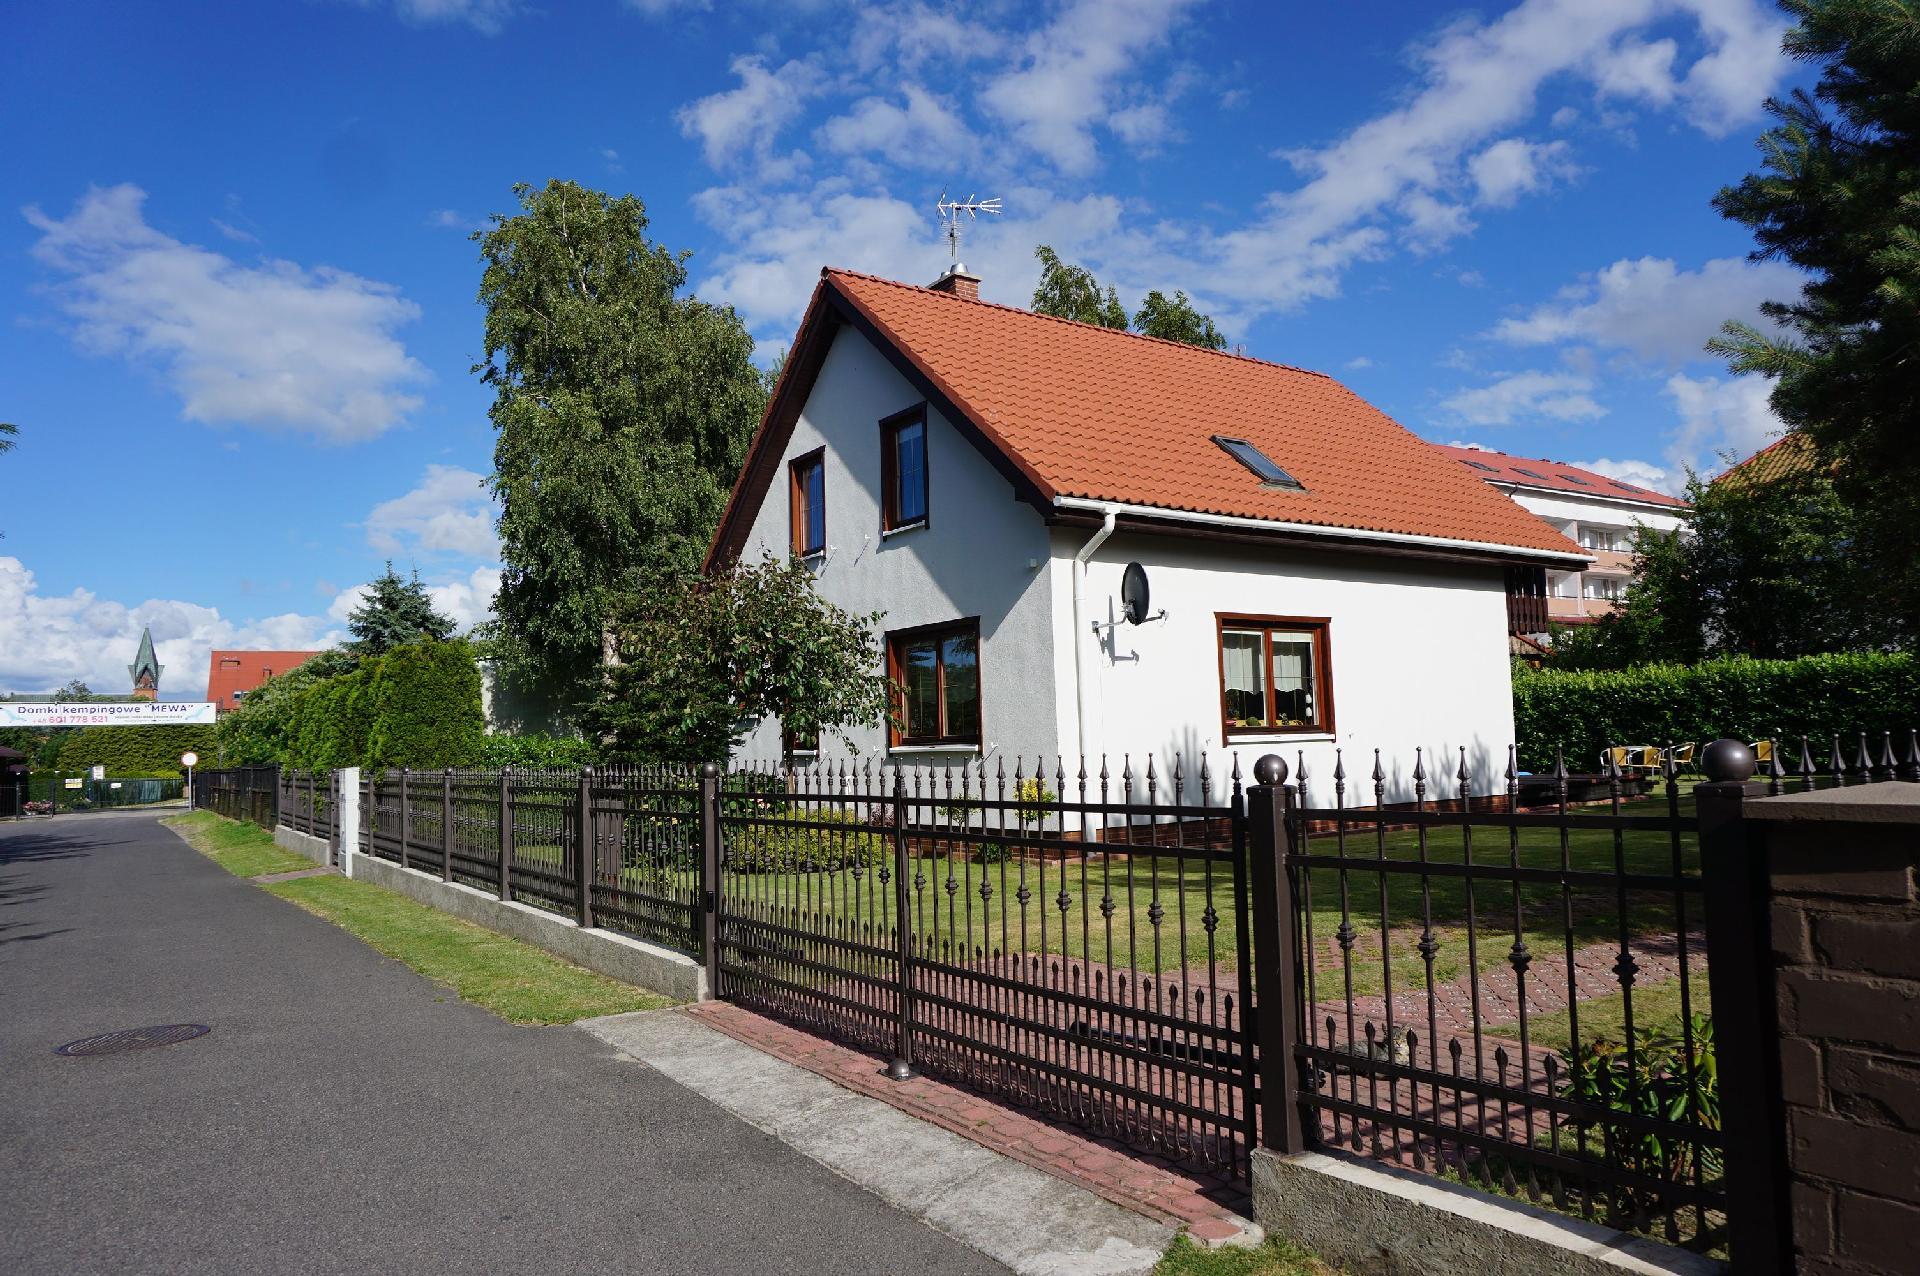 Ferienhaus für 4 Personen  + 2 Kinder ca. 125  in Polen